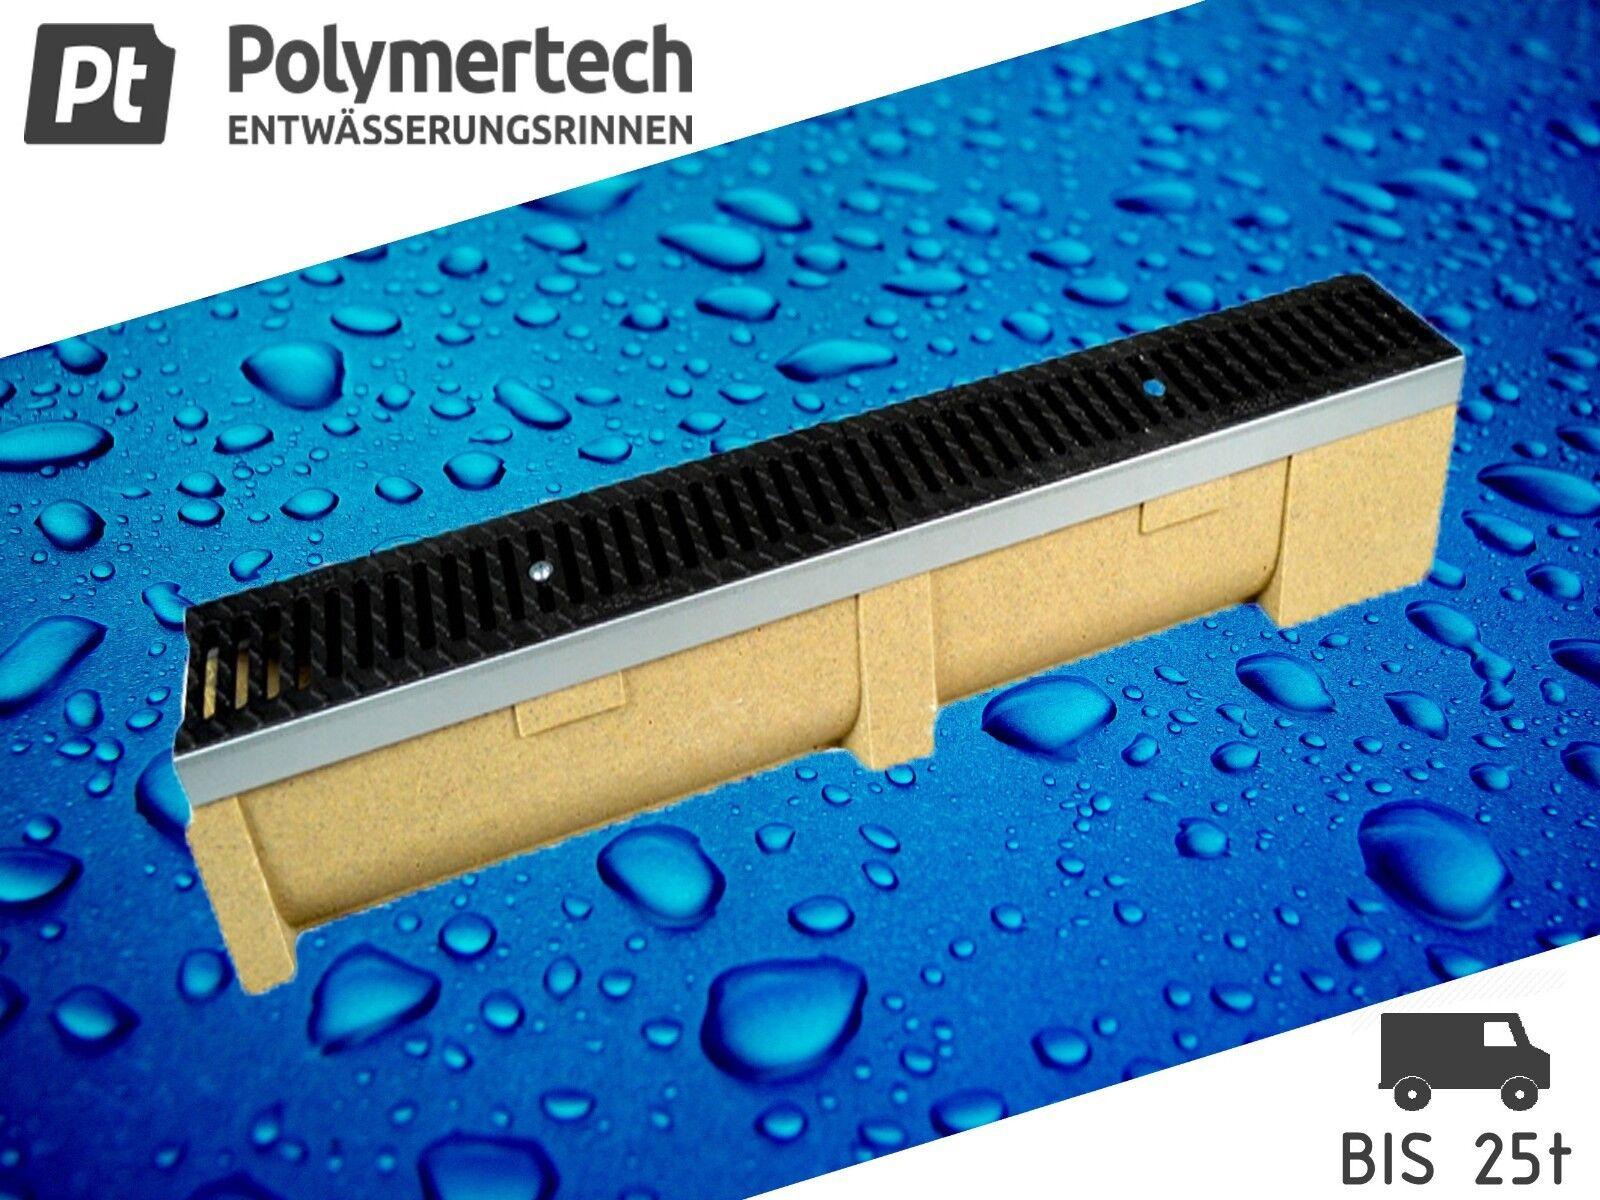 Polymerbeton Entwässerungsrinne mit Stahlzarge inkl.Gussrost kl.C250 bis 25 t